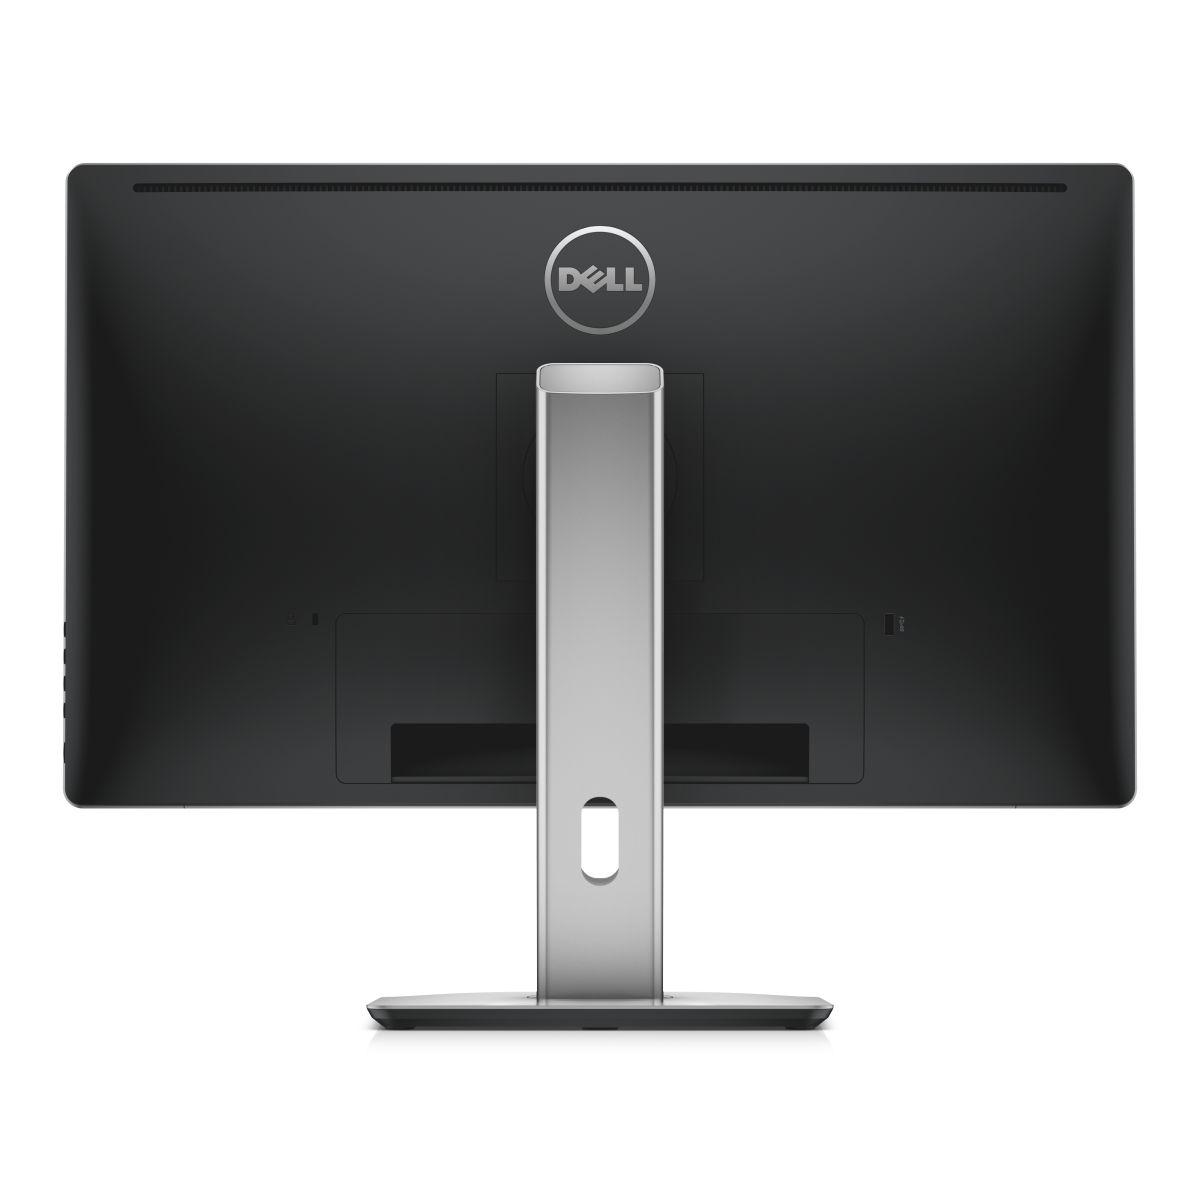 Dell UltraSharp schermo